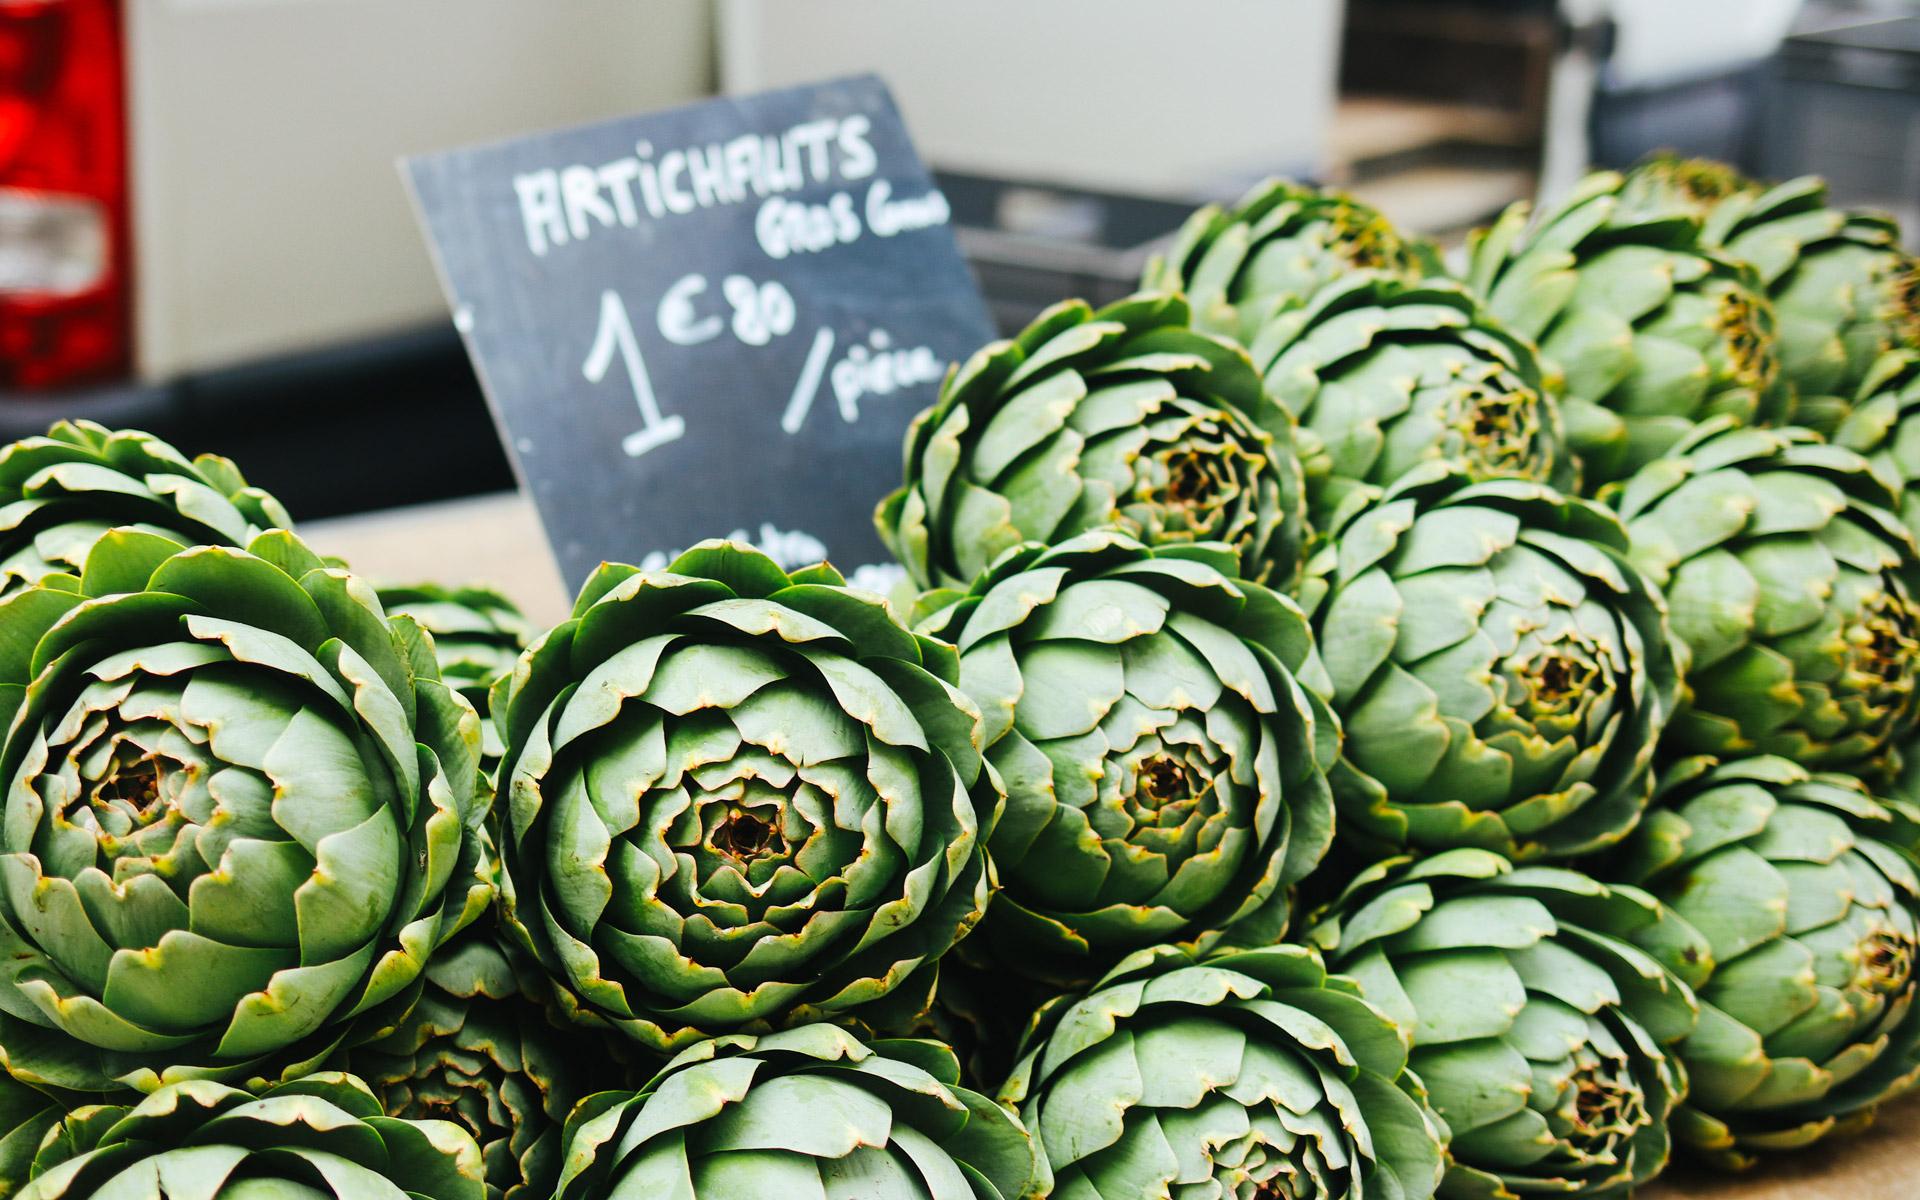 Typisch französisch: Artischocken auf dem Markt von Josselin.